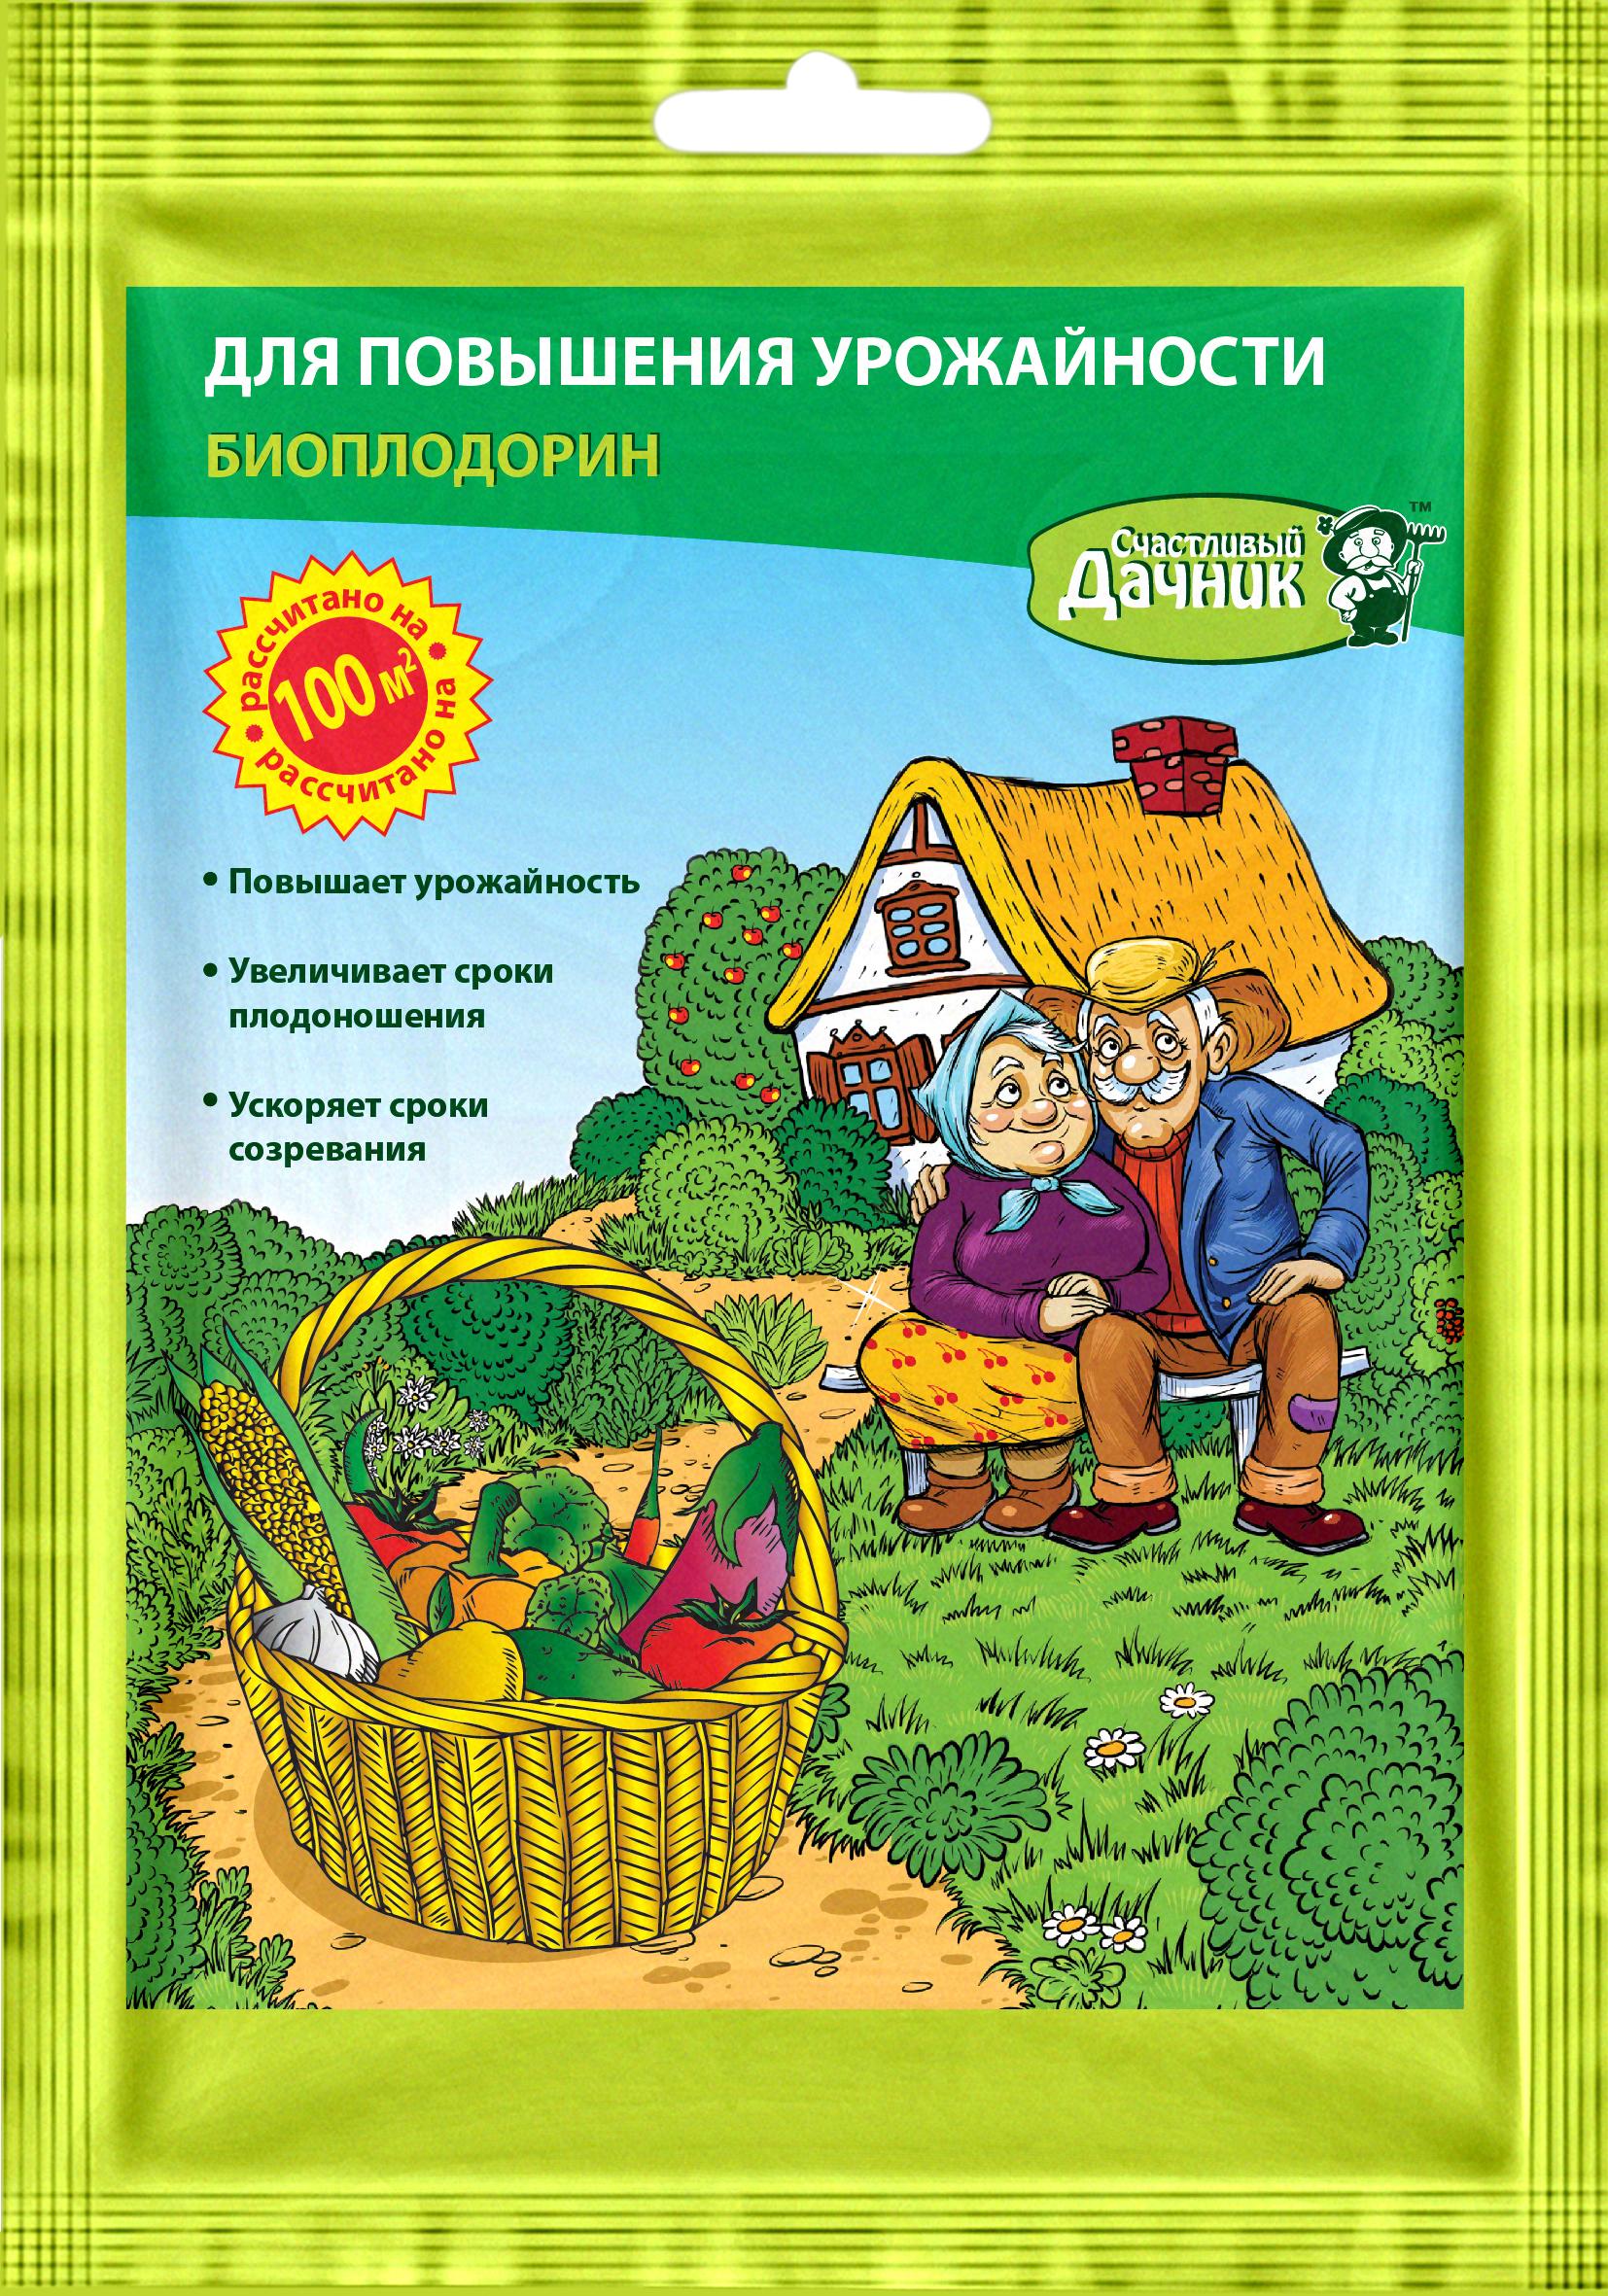 Биоплодорин Счастливый дачник, для овощей и фруктов, 80 гБПО-80«Биоплодорин» для овощей и фруктов - это биологический продукт для оздоровления почвы и повышения плодородия. Рекомендуется так же для использования в тепличных условиях. При комбинированном использовании с минеральными удобрениями, рекомендуется использование минеральных удобрений в количестве не более 20-25 % от предписанной дозировки. Полезные свойства продукта: - Повышает урожайность на 50-70% - Ускоряет сроки созревания на 10-14 дней - Увеличивает сроки плодоношения на 8-12 дней Микроорганизмы, входящие в состав биоактиватора, перерабатывают органические соединения в доступные для растений формы, чем способствуют улучшению питания с/х культур и повышению их продуктивности. Кроме того за счет создания здоровой микробиоты из почвы вытесняются патогенные и гнилостные микроорганизмы, что снижает риск заболеваемости растений. Средство может быть использовано при предпосевной подготовке почвы, для обработки семян овощных культур и клубней картофеля перед посадкой, а также для корневой подкормки растений в период роста, цветения и плодоношения.